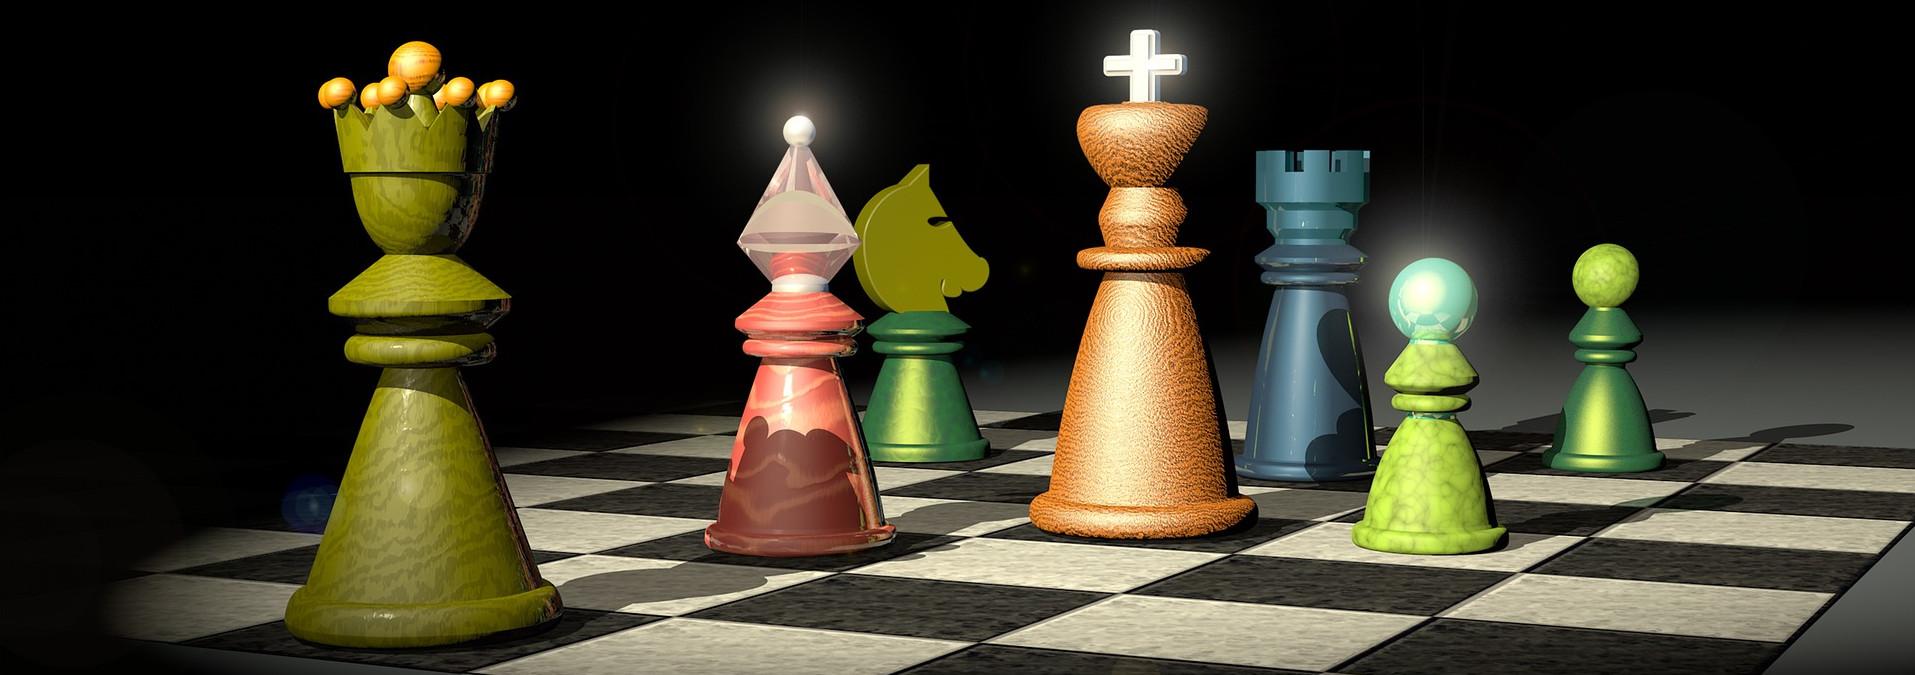 Konflikte in Familienunternehmen | Standfest Unternehmensberatung